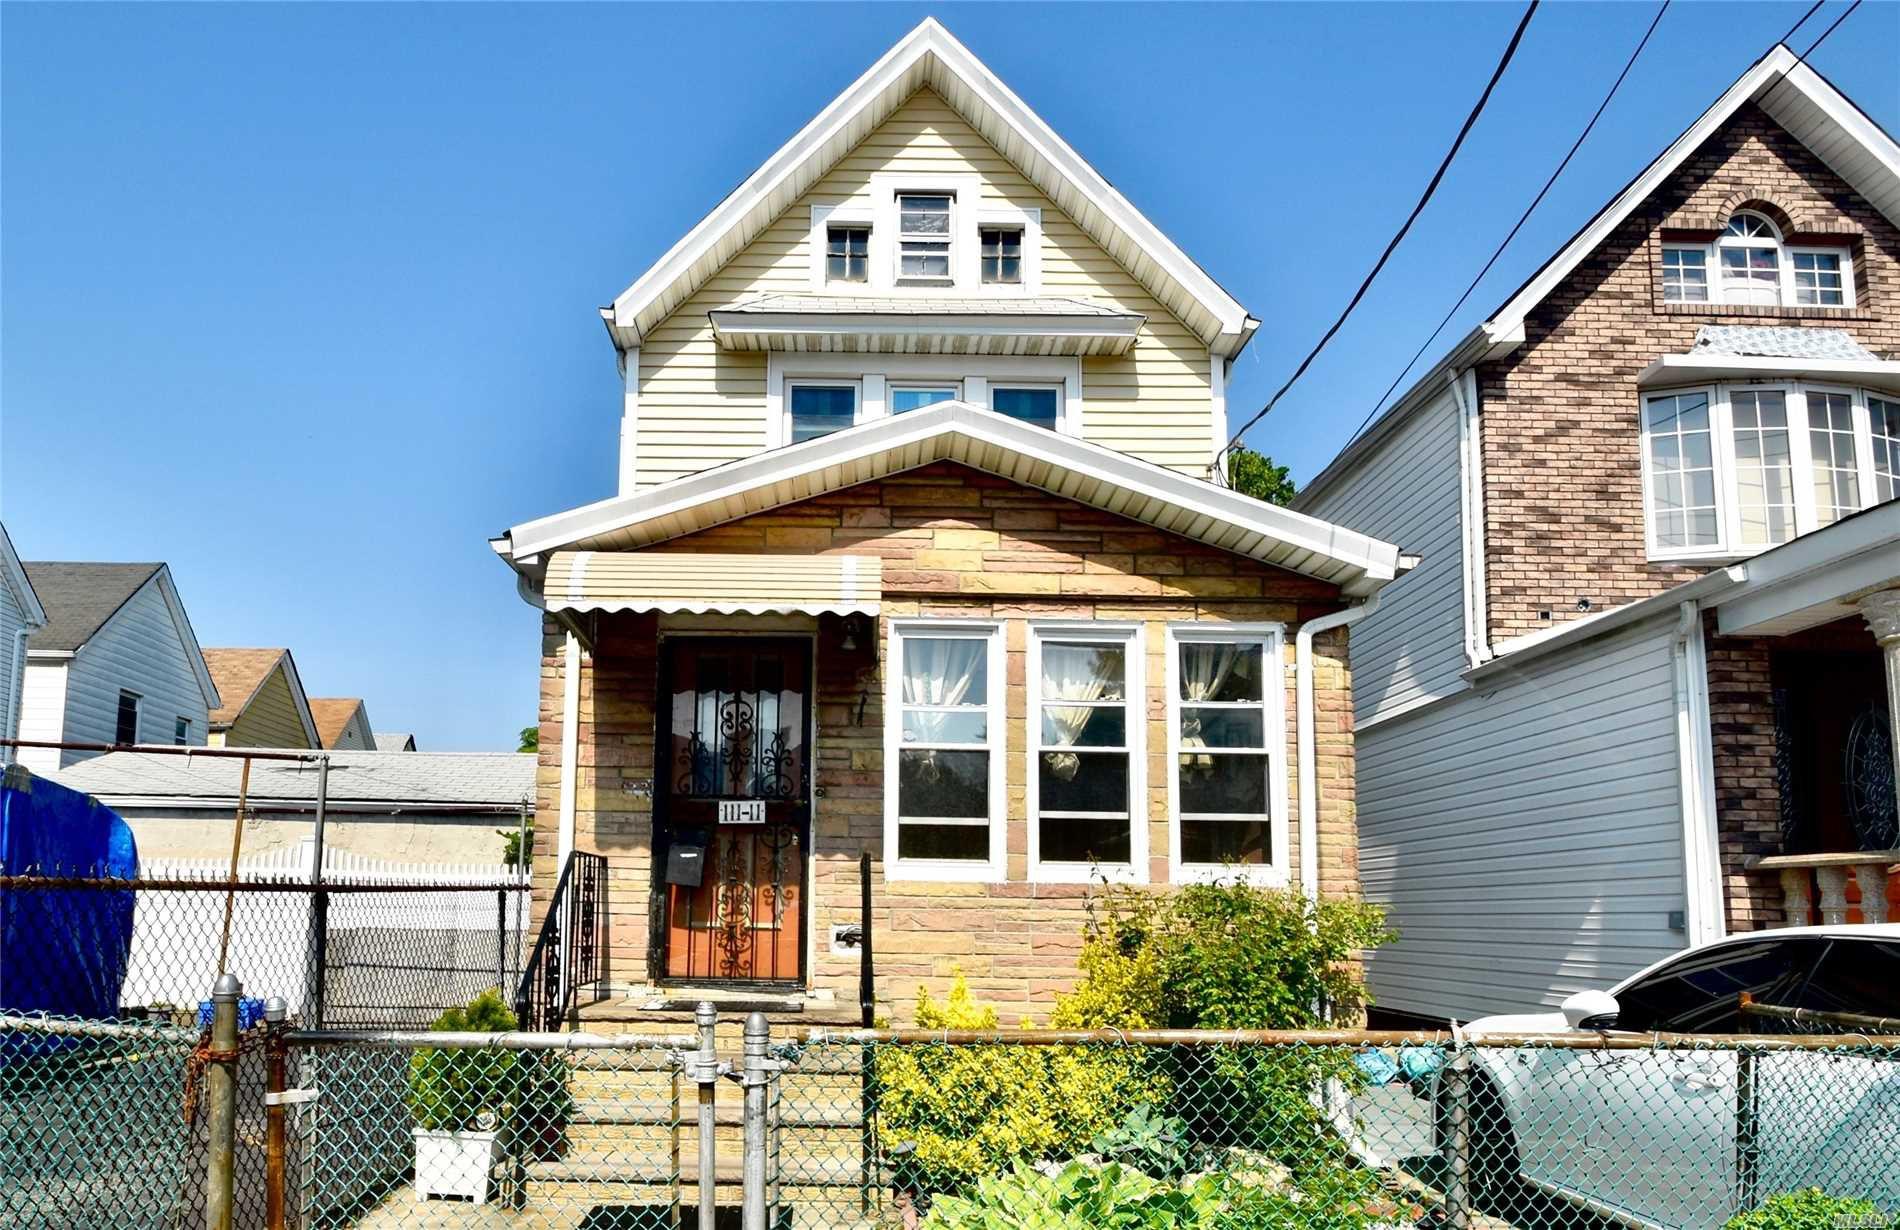 11111 147th St, Jamaica, NY 11435 - 3 Bed, 2 Bath Single-Family Home - MLS  #3130660 - 16 Photos | Trulia